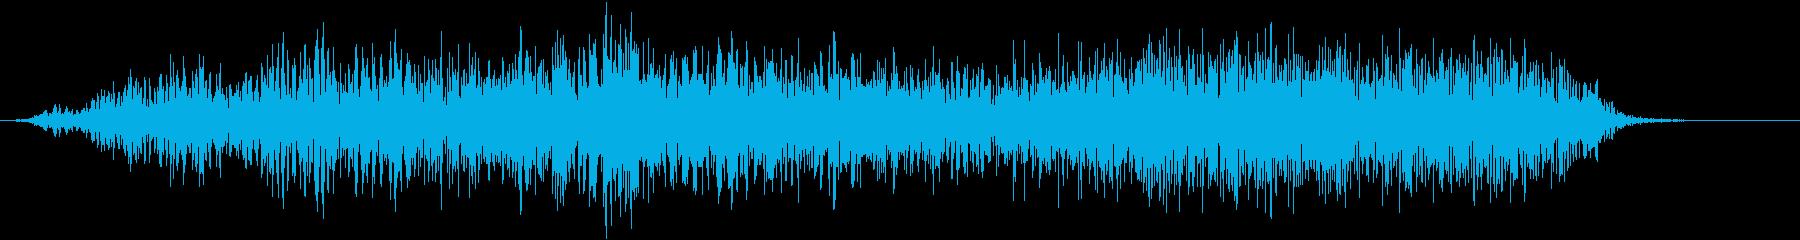 【物音】 ひきずる音_16 ギギギッッの再生済みの波形